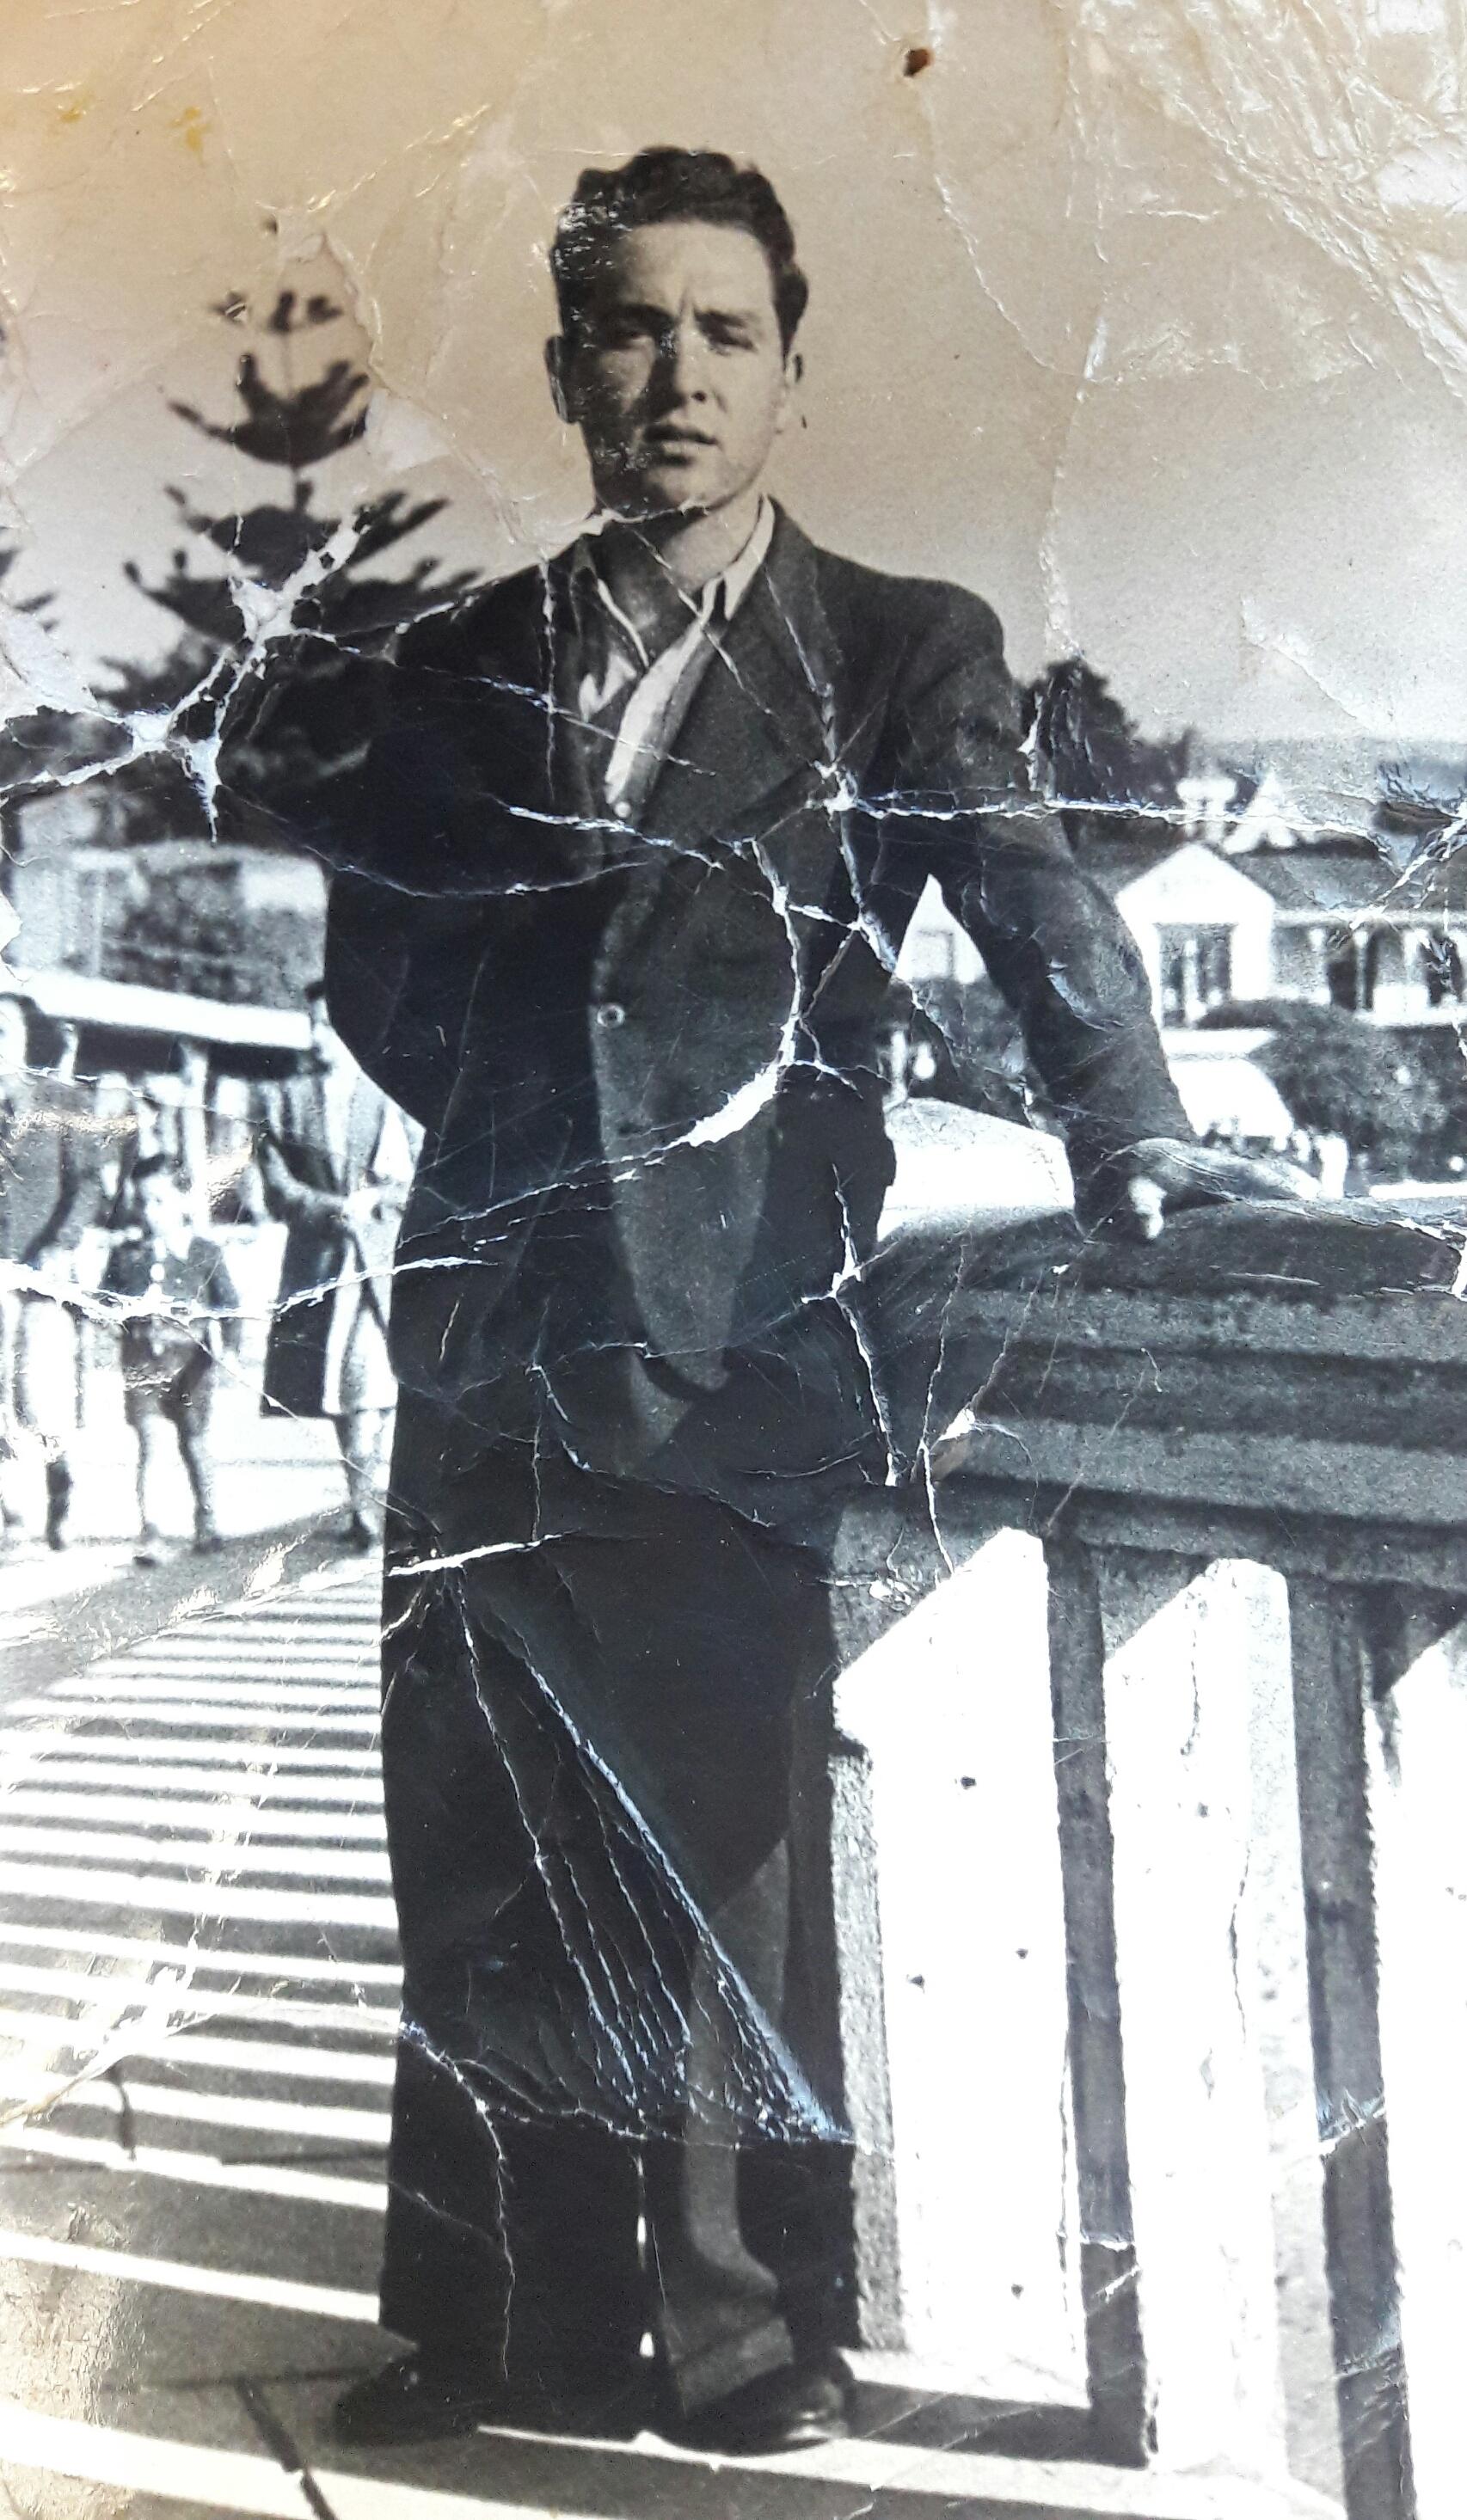 Enterreno - Fotos históricas de chile - fotos antiguas de Chile - Cartagena, 1939